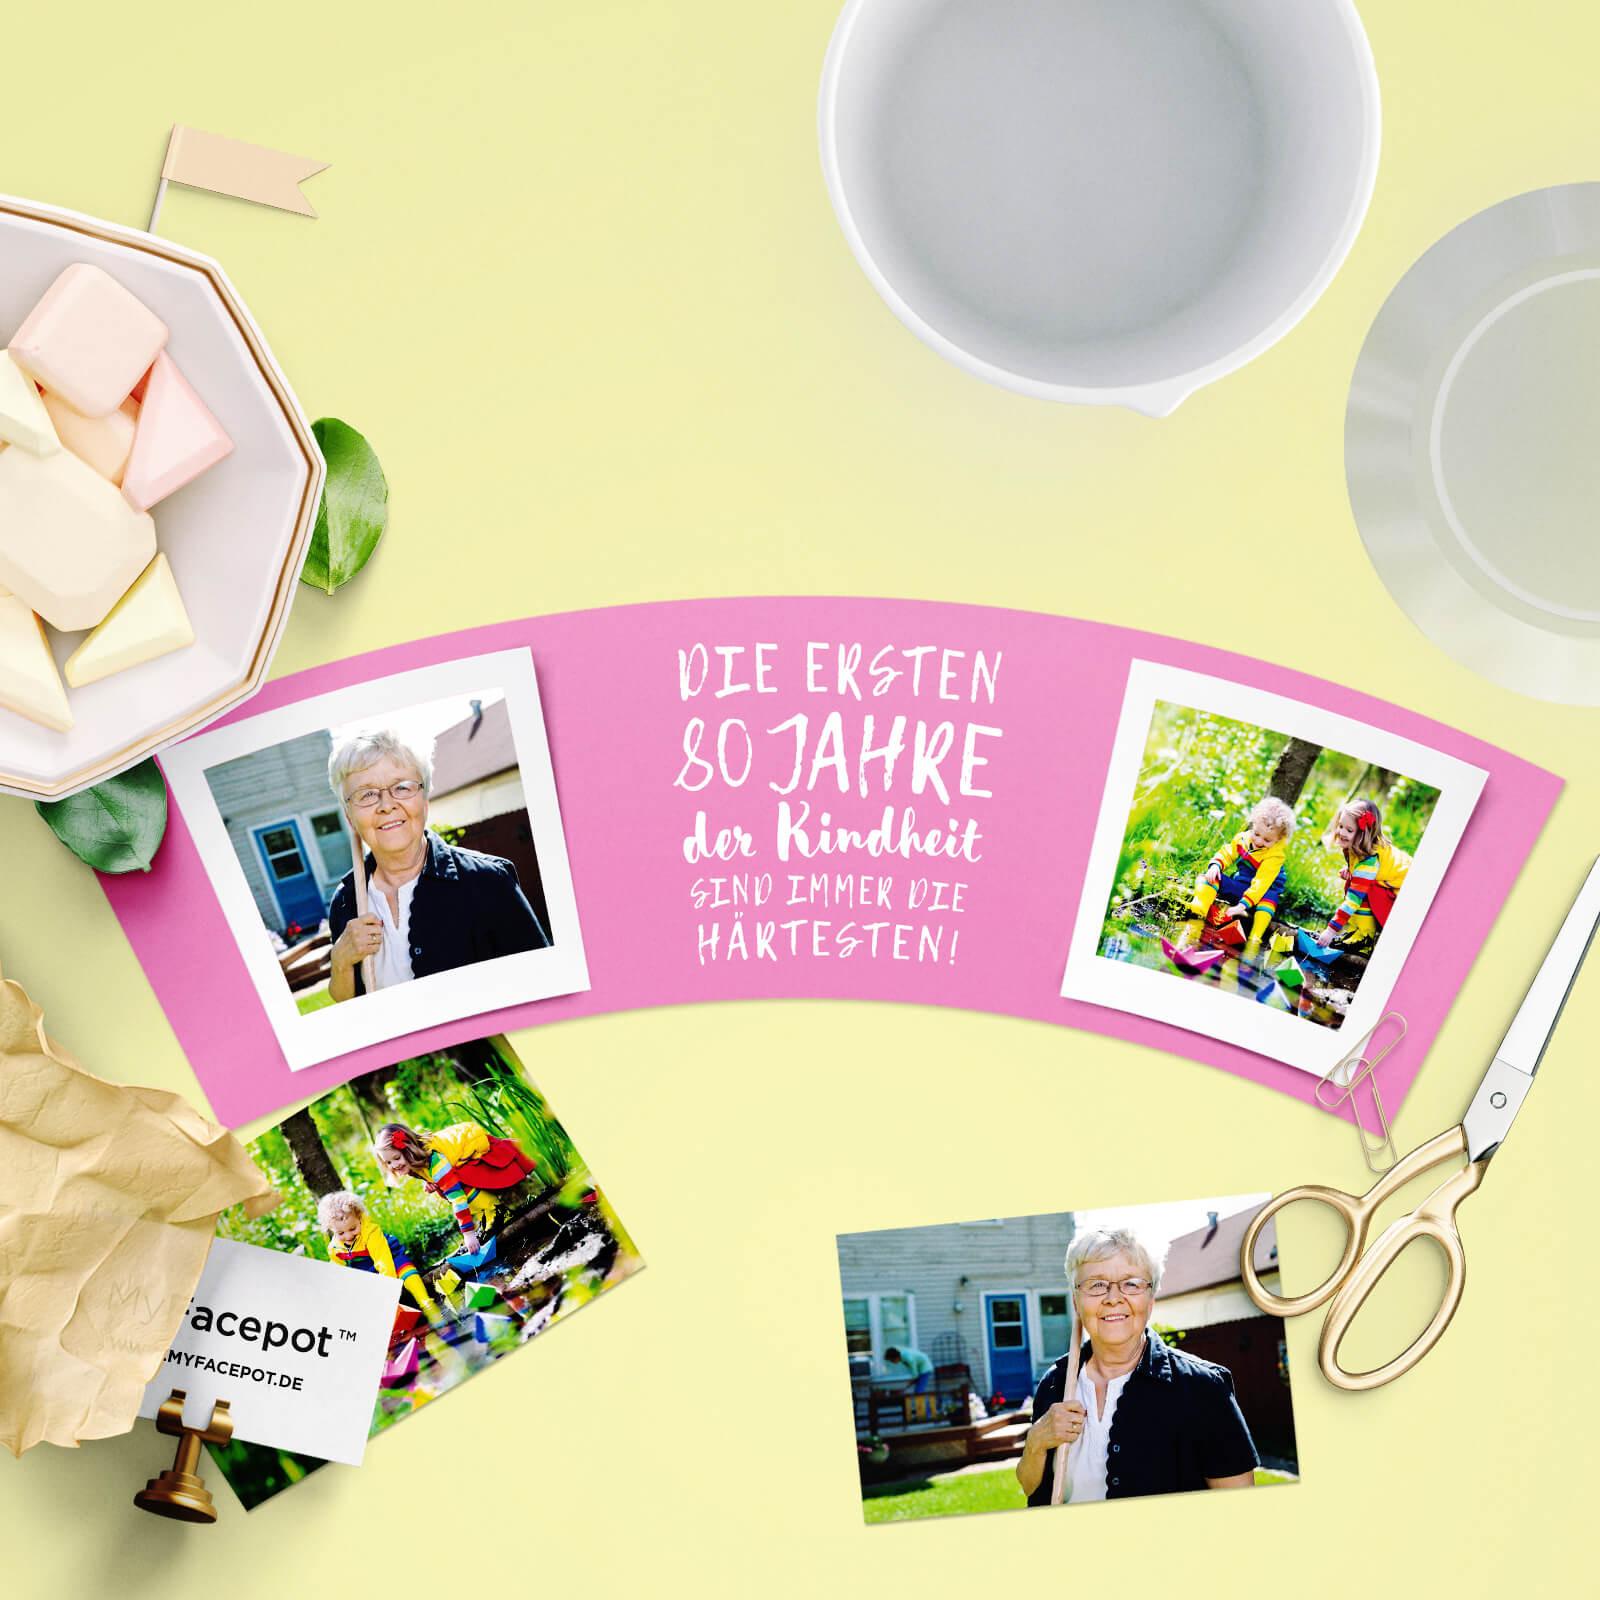 Geschenke Zum 80. Geburtstag Opa  Die ersten 80 Jahre sind härtesten – Blumentopf von